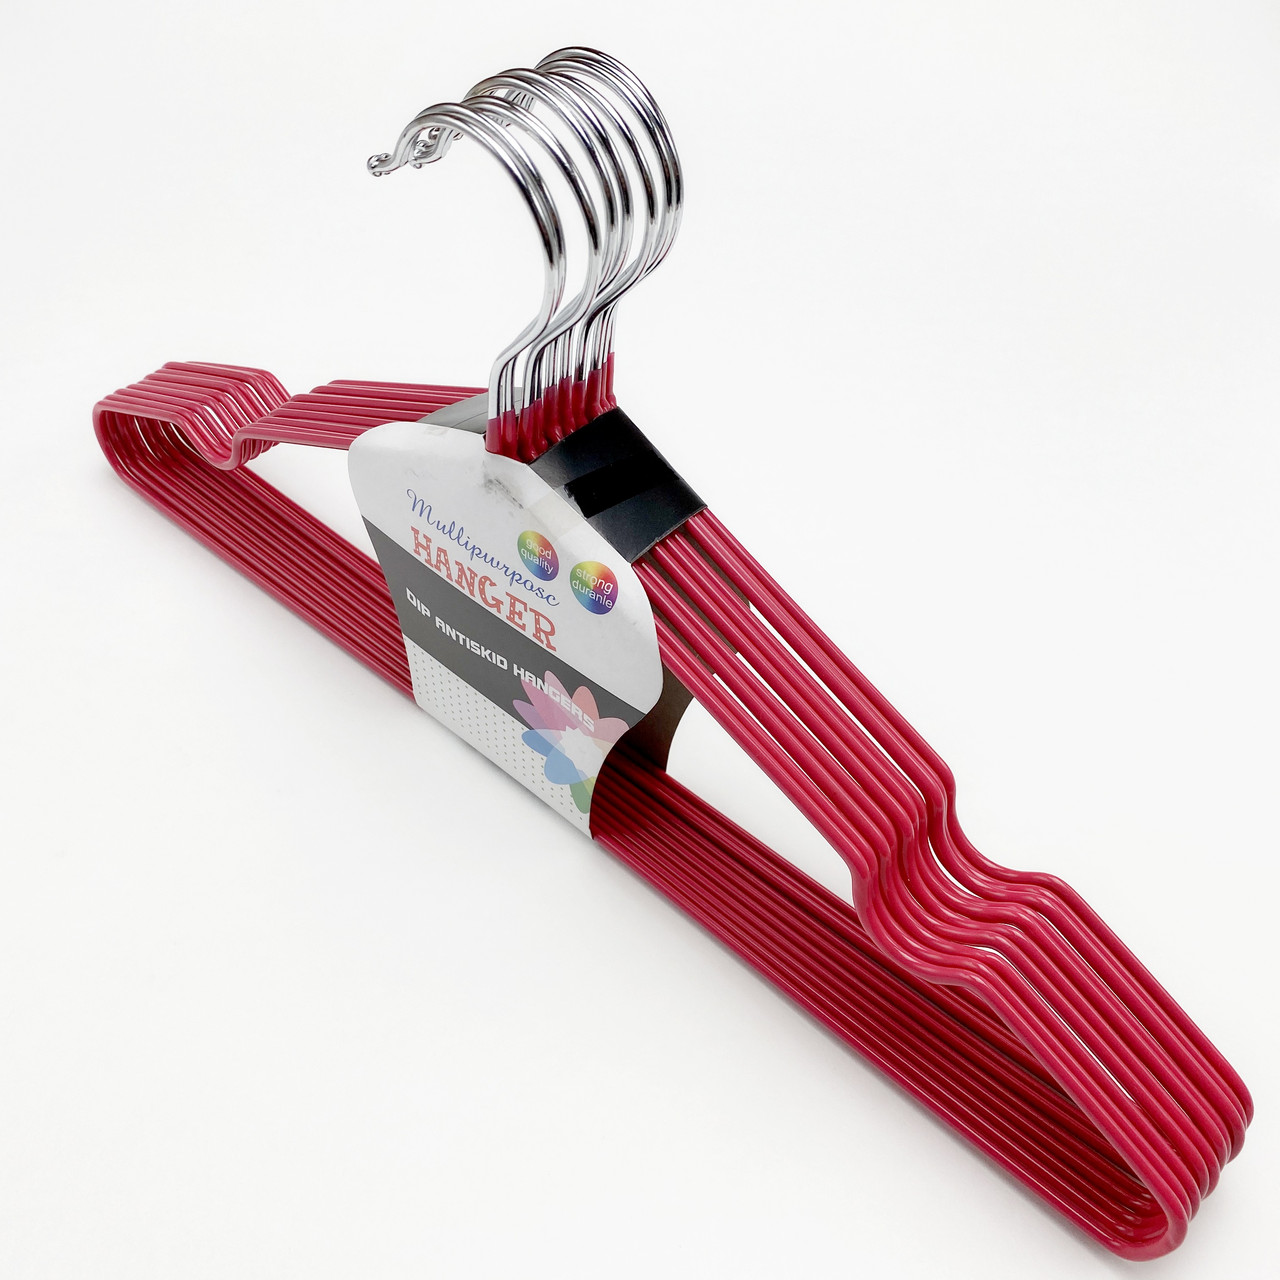 Вешалки плечики 10 шт. металлические в силиконовом покрытии красного цвета толщина 3.4 мм